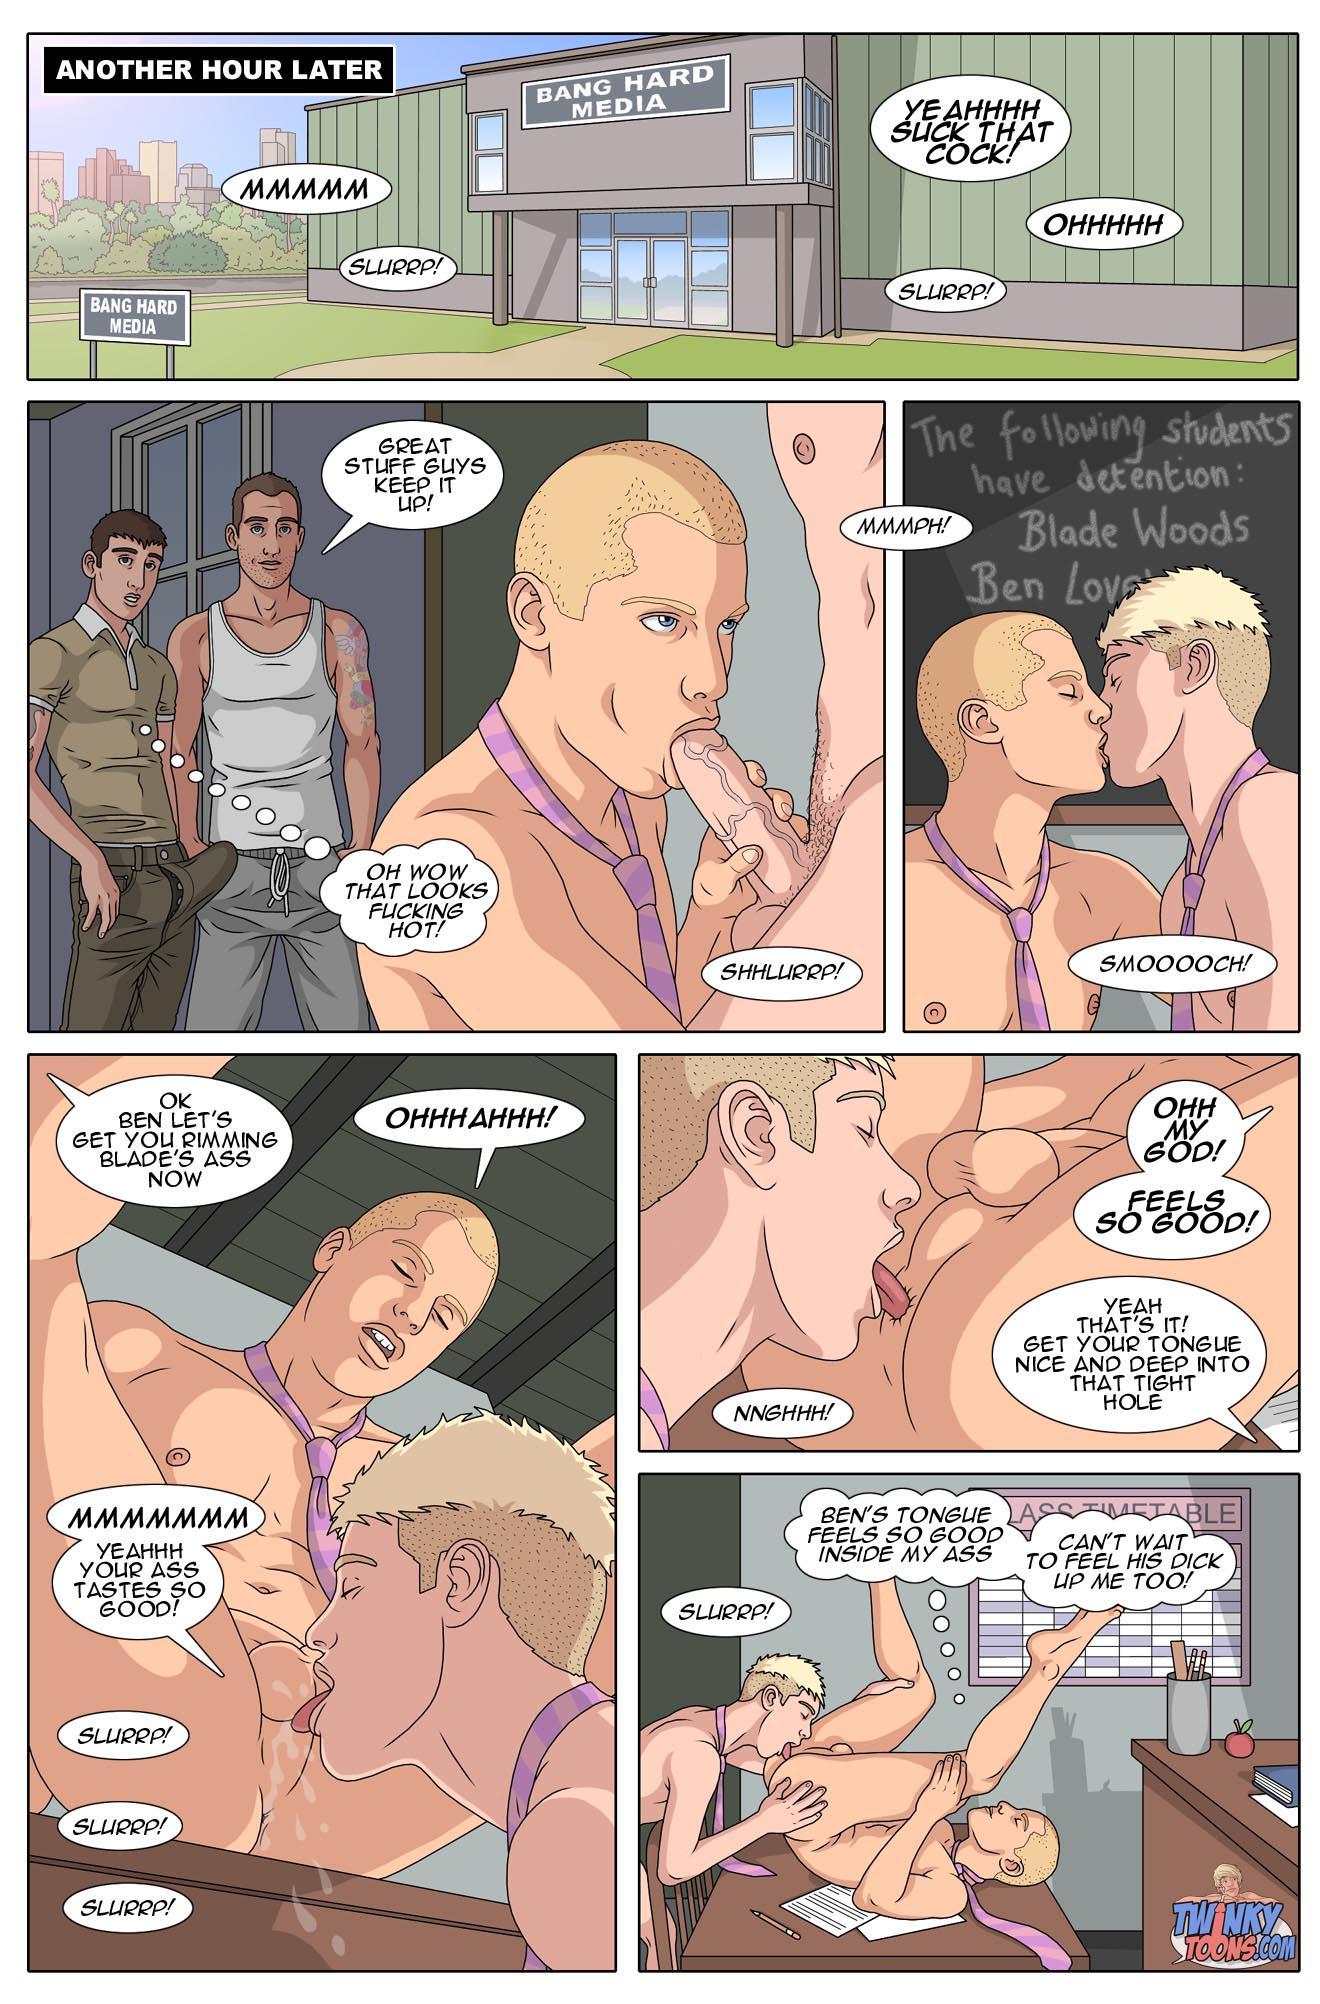 Hunk comics gay